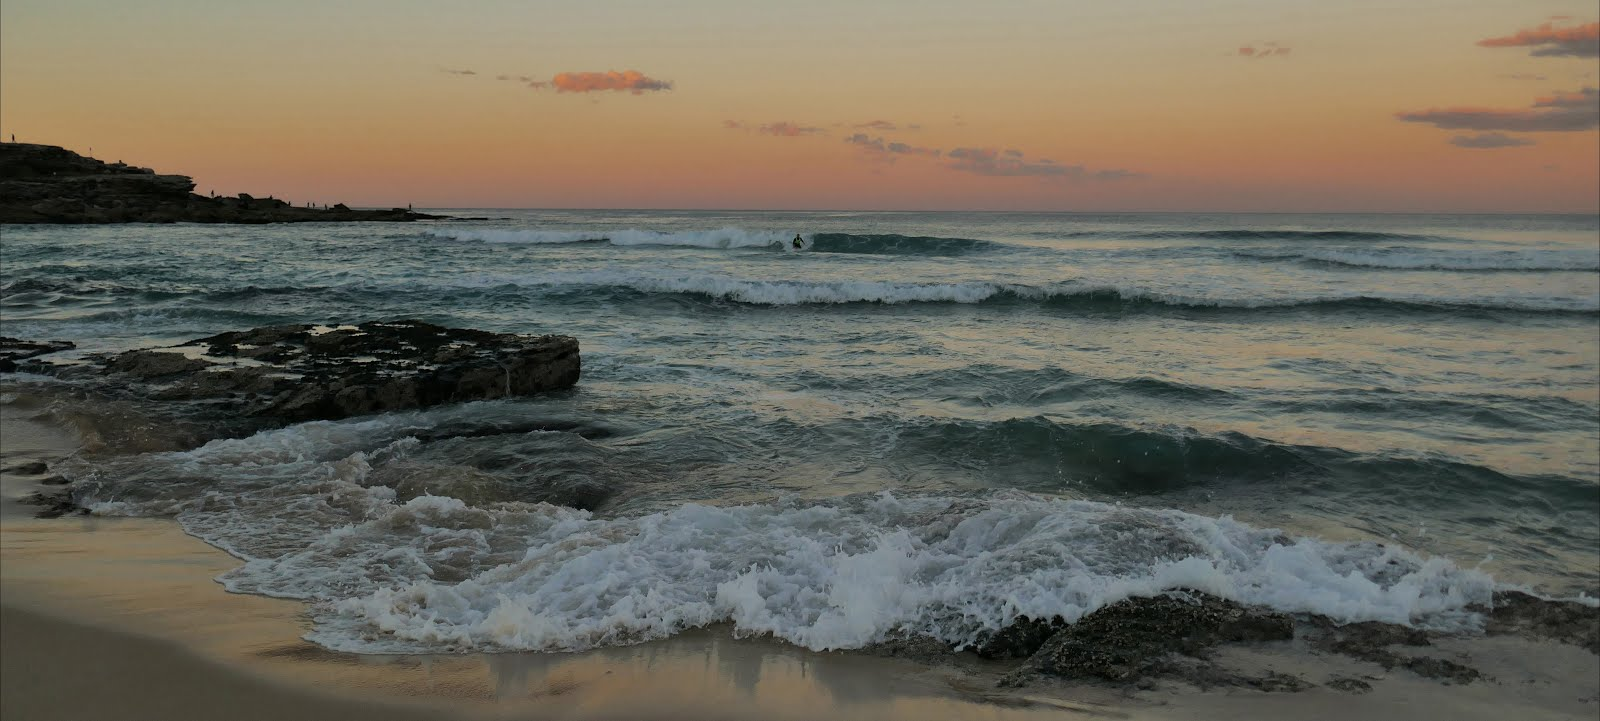 My Australia - Moja Australia, foto